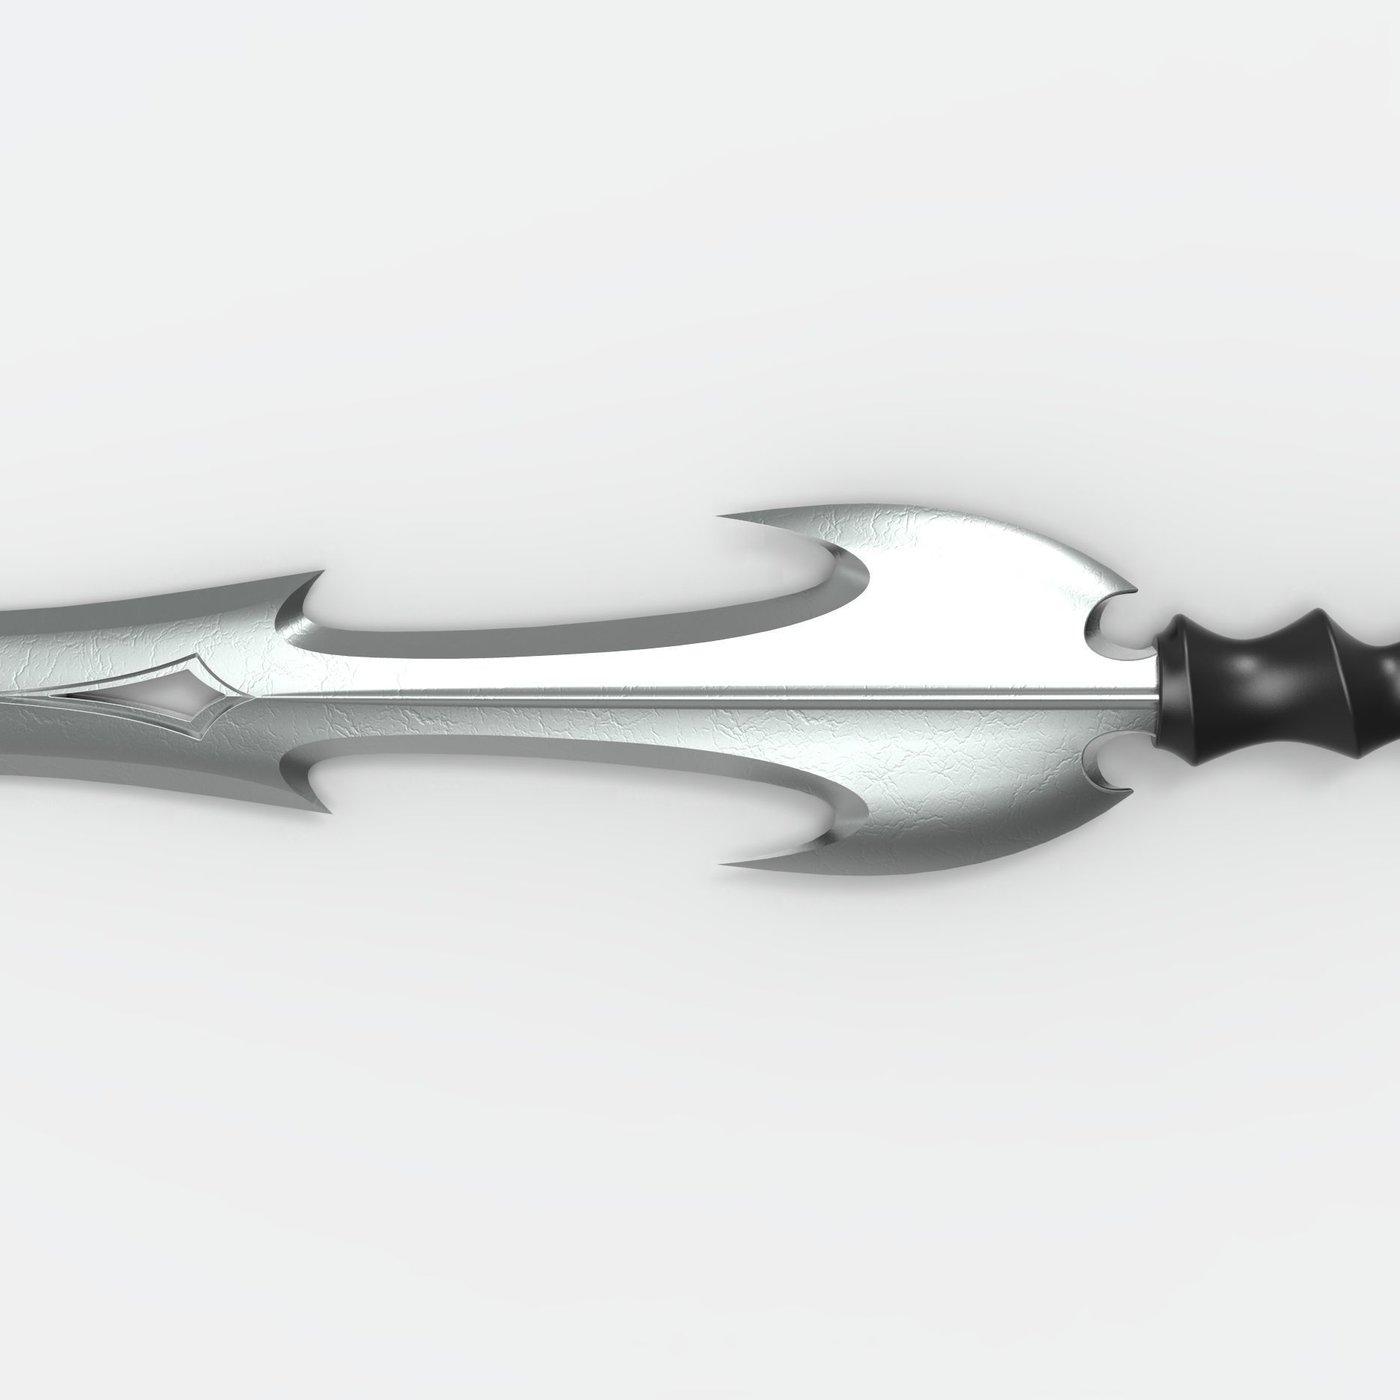 Sword of Hela from Thor Ragnarok